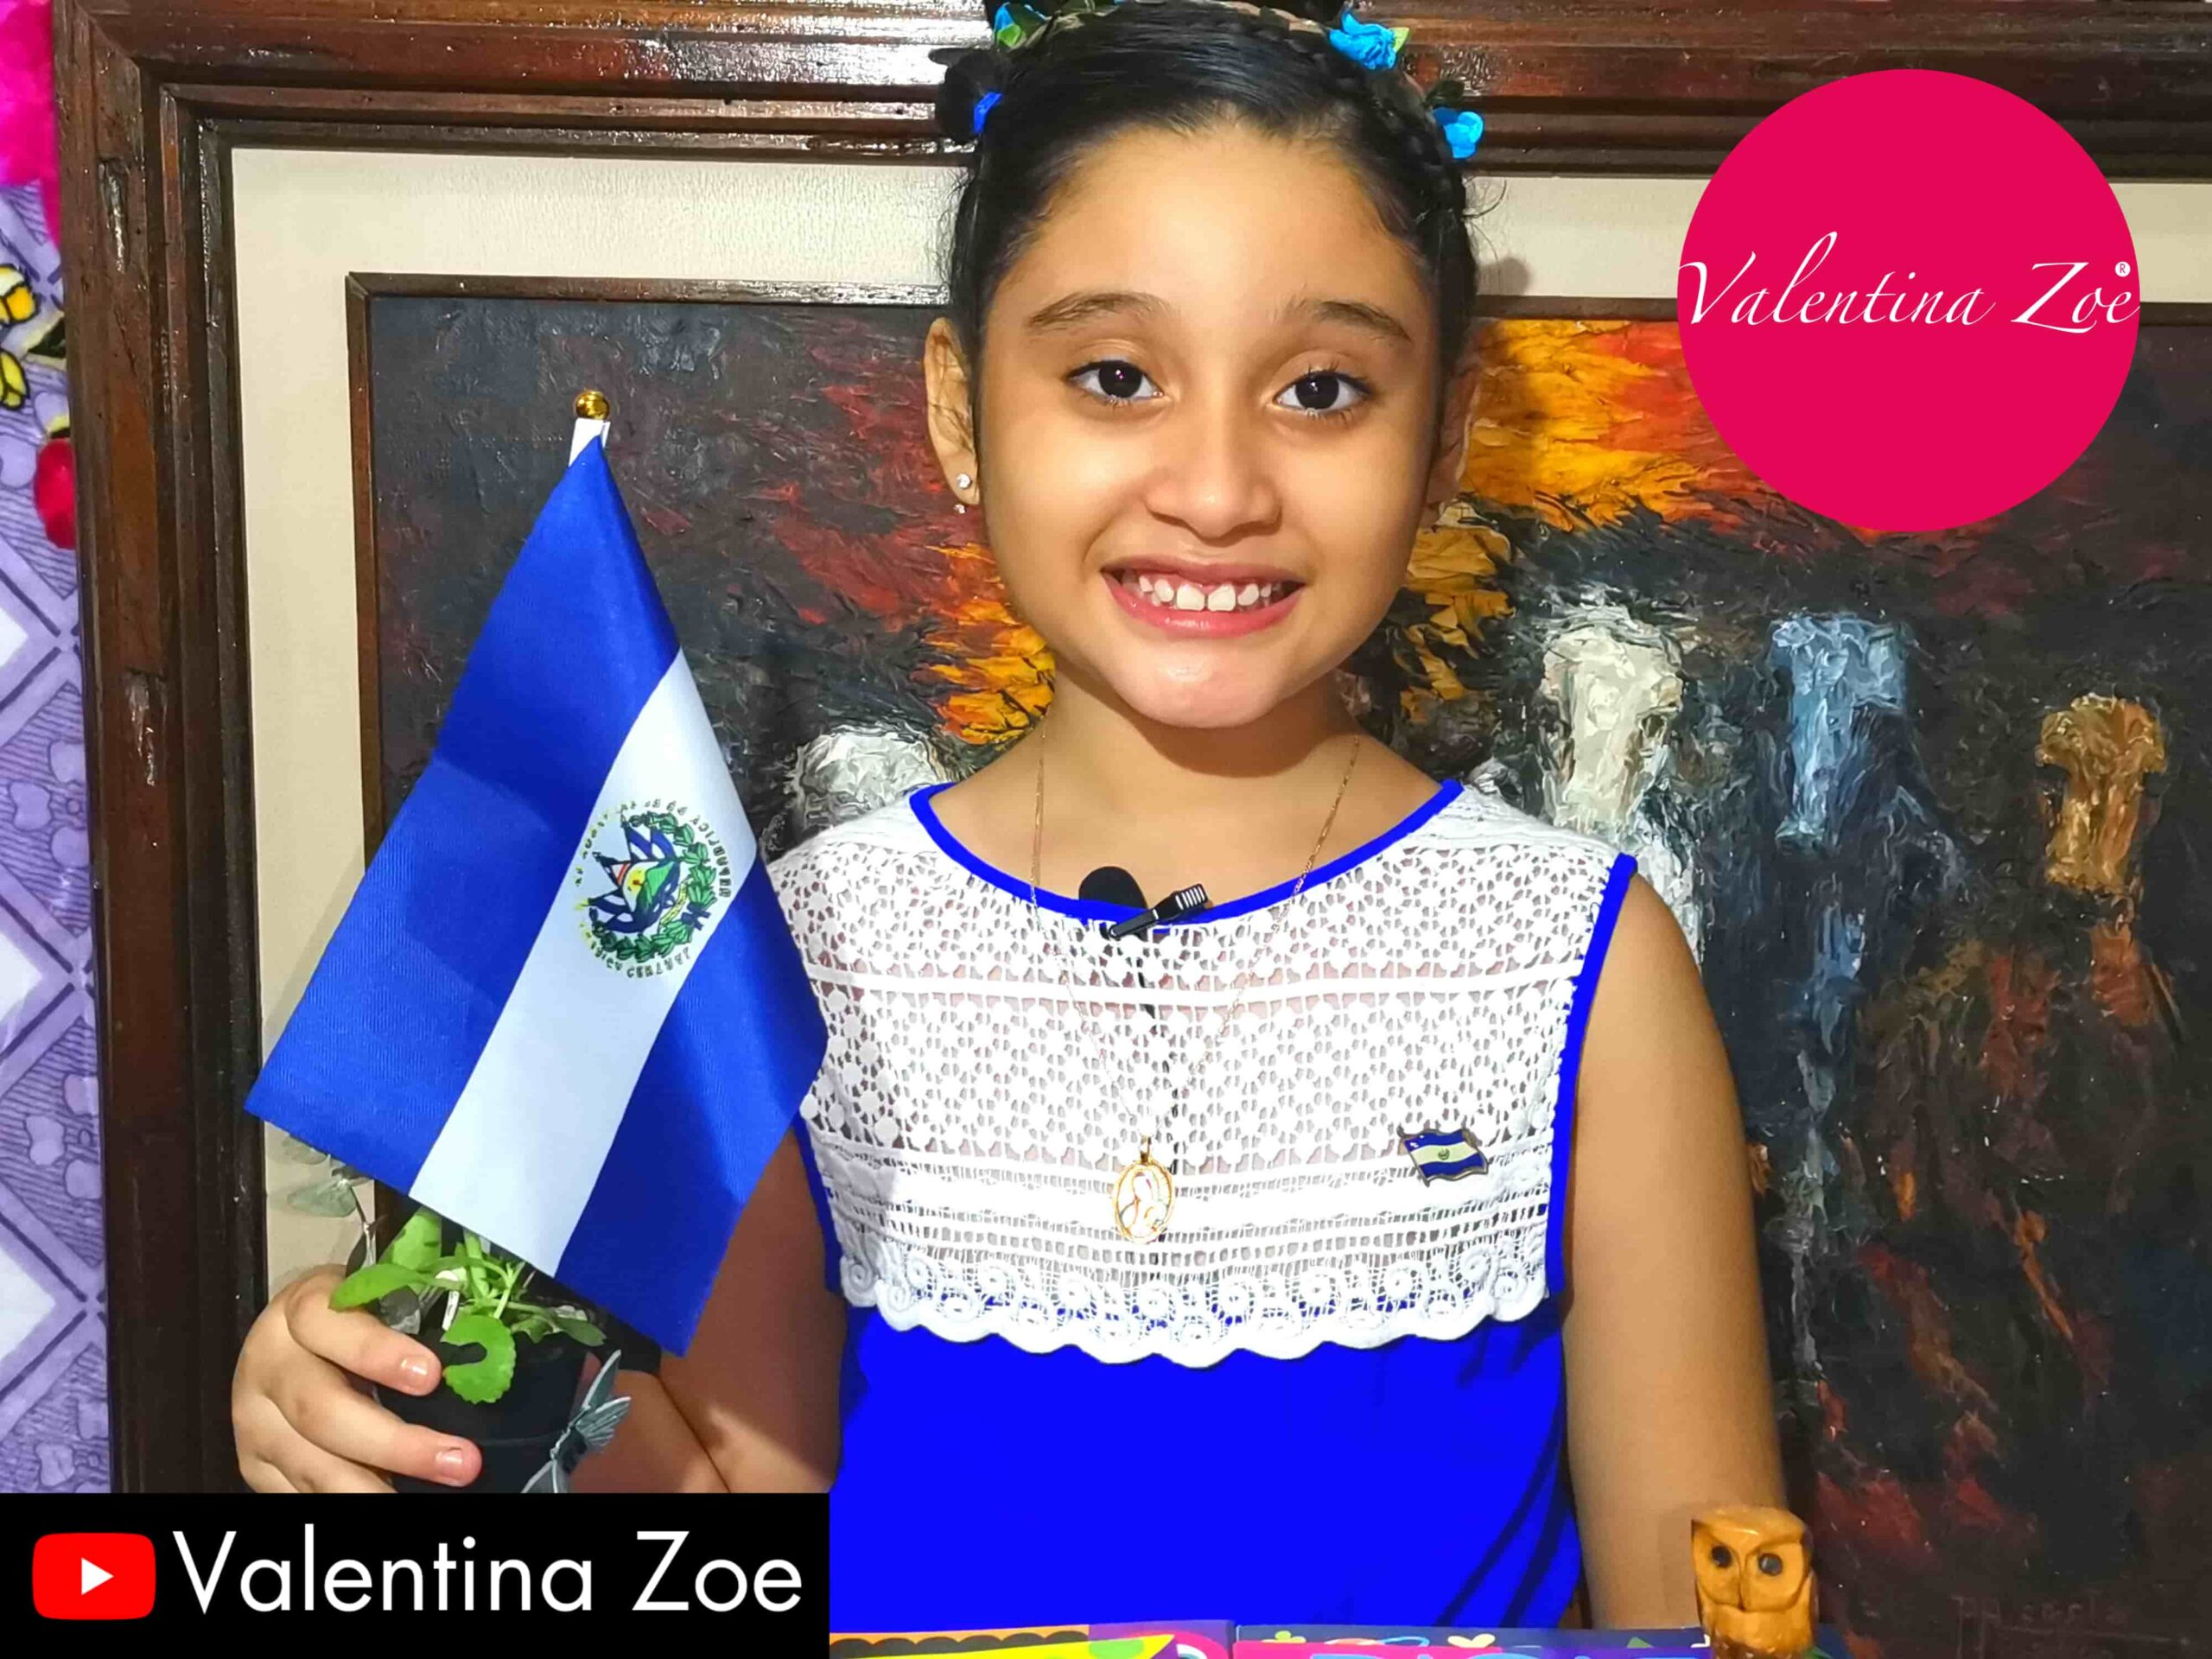 Valentina Zoe Celebración Bicentenario El Salvador